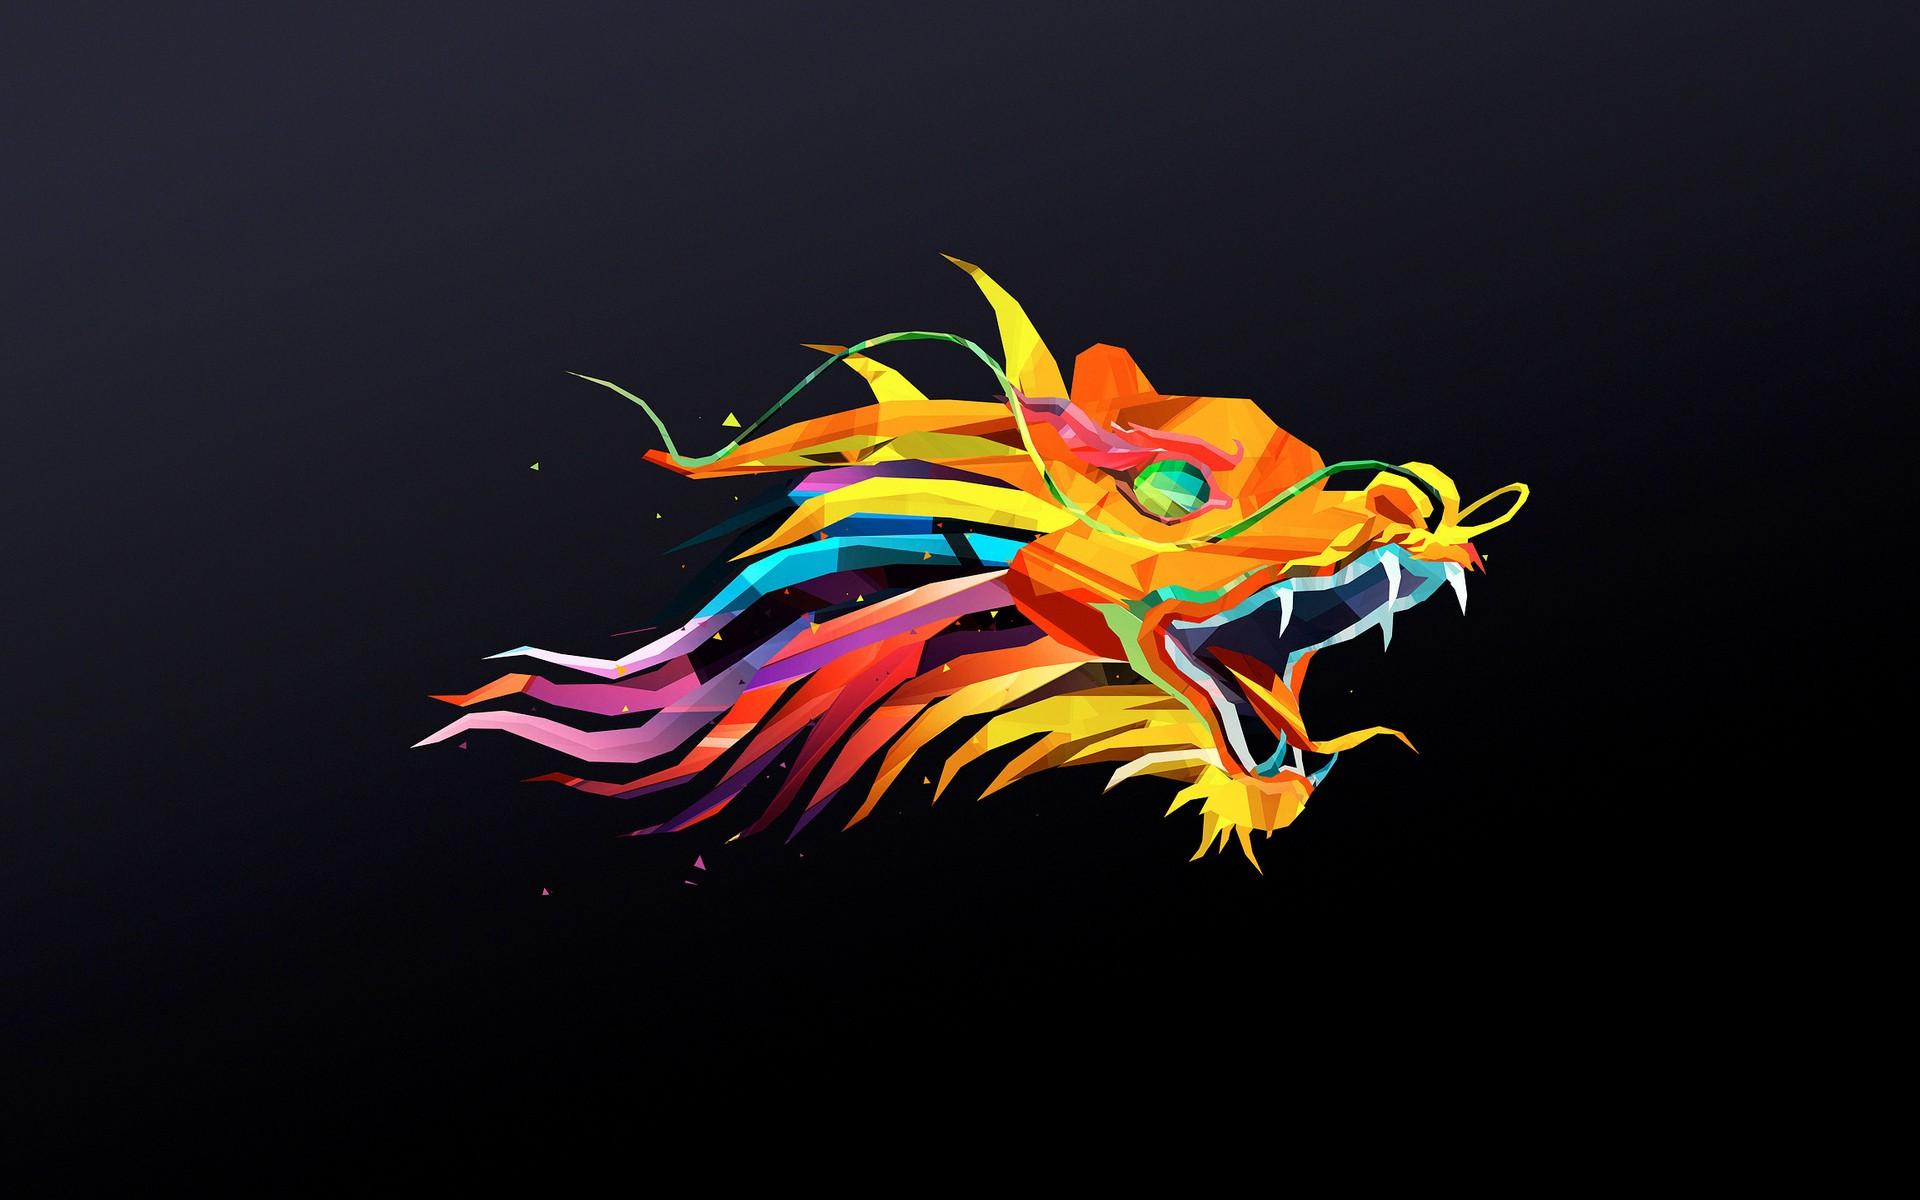 Wallpaper ilustrasi seni digital hewan latar belakang yang ilustrasi seni digital hewan latar belakang yang sederhana abstrak gambar kartun naga aspek justin maller wallpaper altavistaventures Images